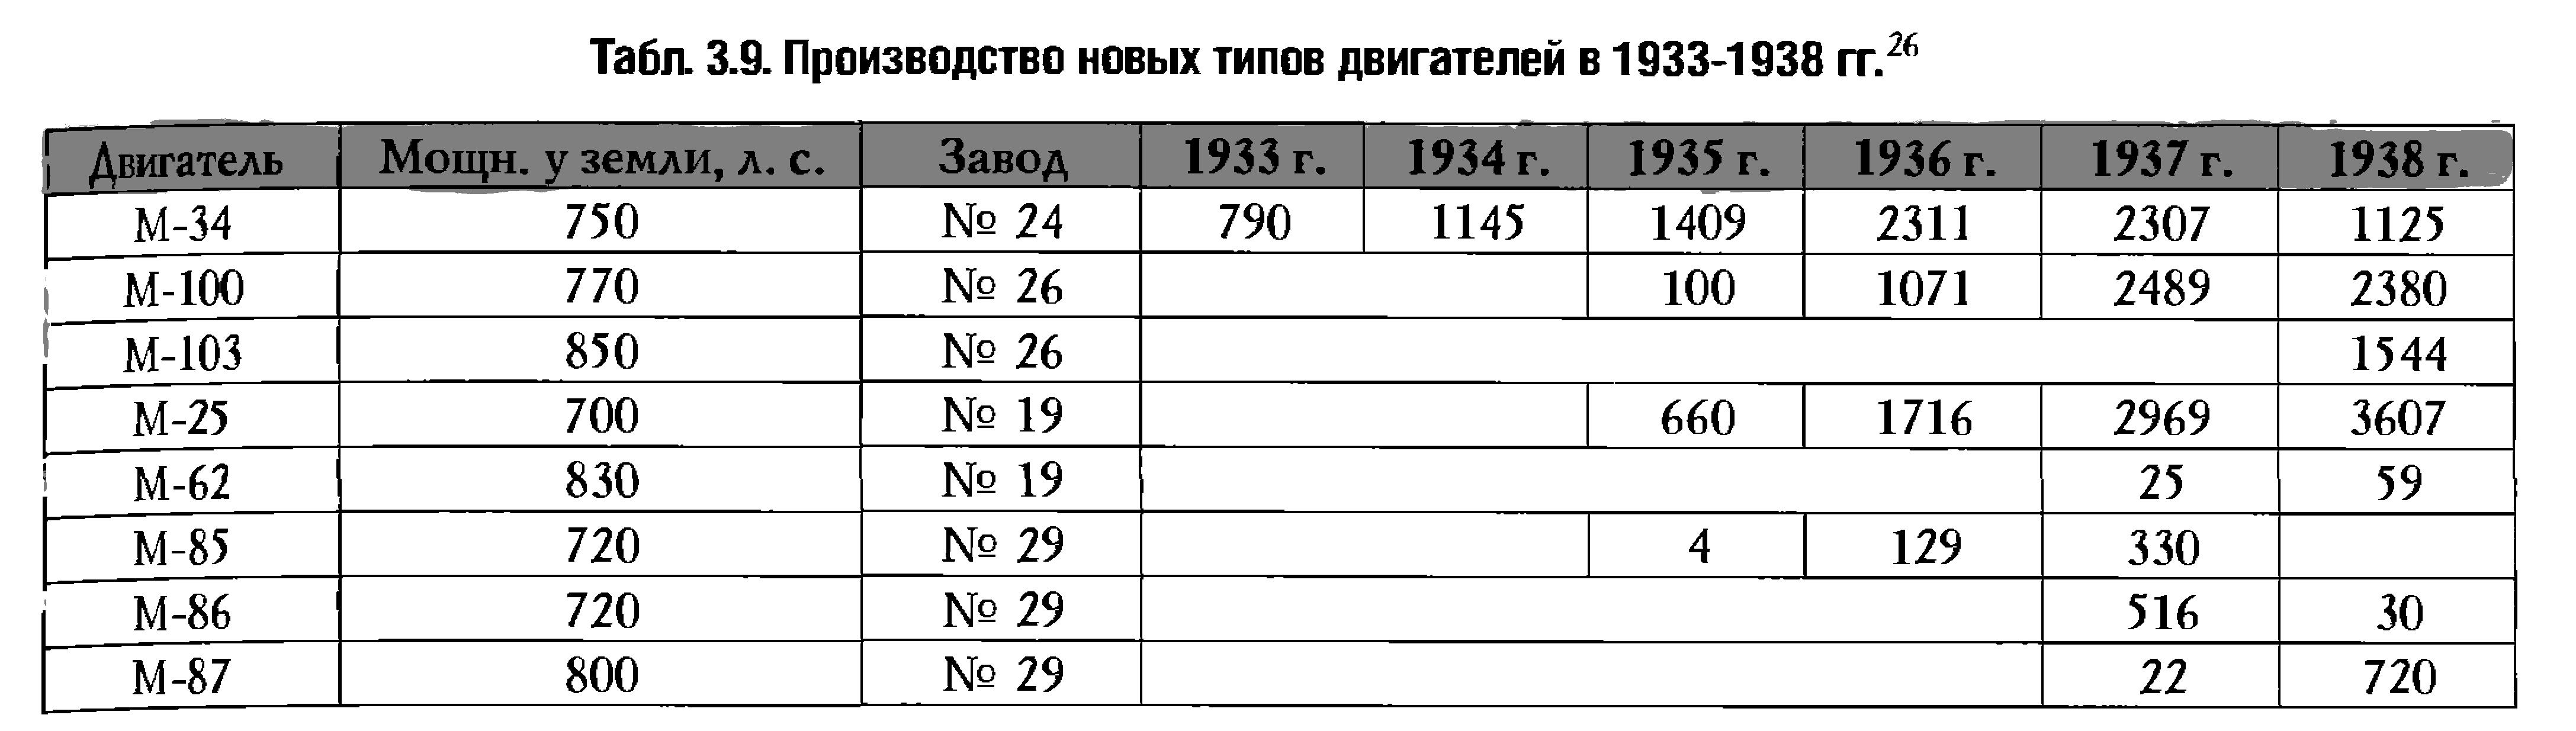 Производство новых типов авиадвигателей 1933-38 гг..png